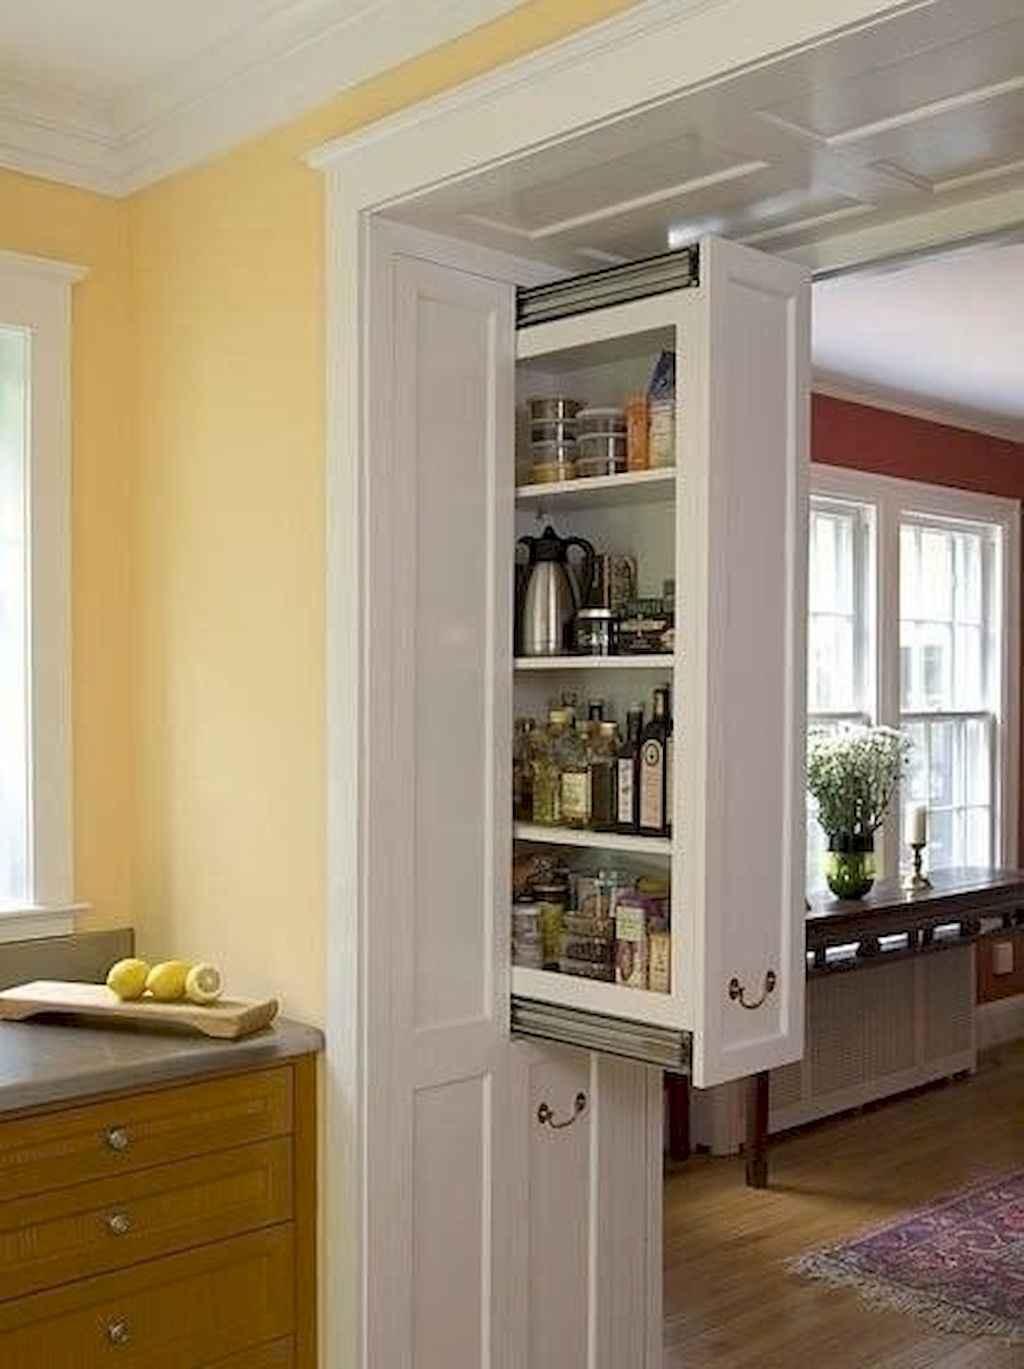 Ingenious hidden kitchen cabinet & storage solutions (39)